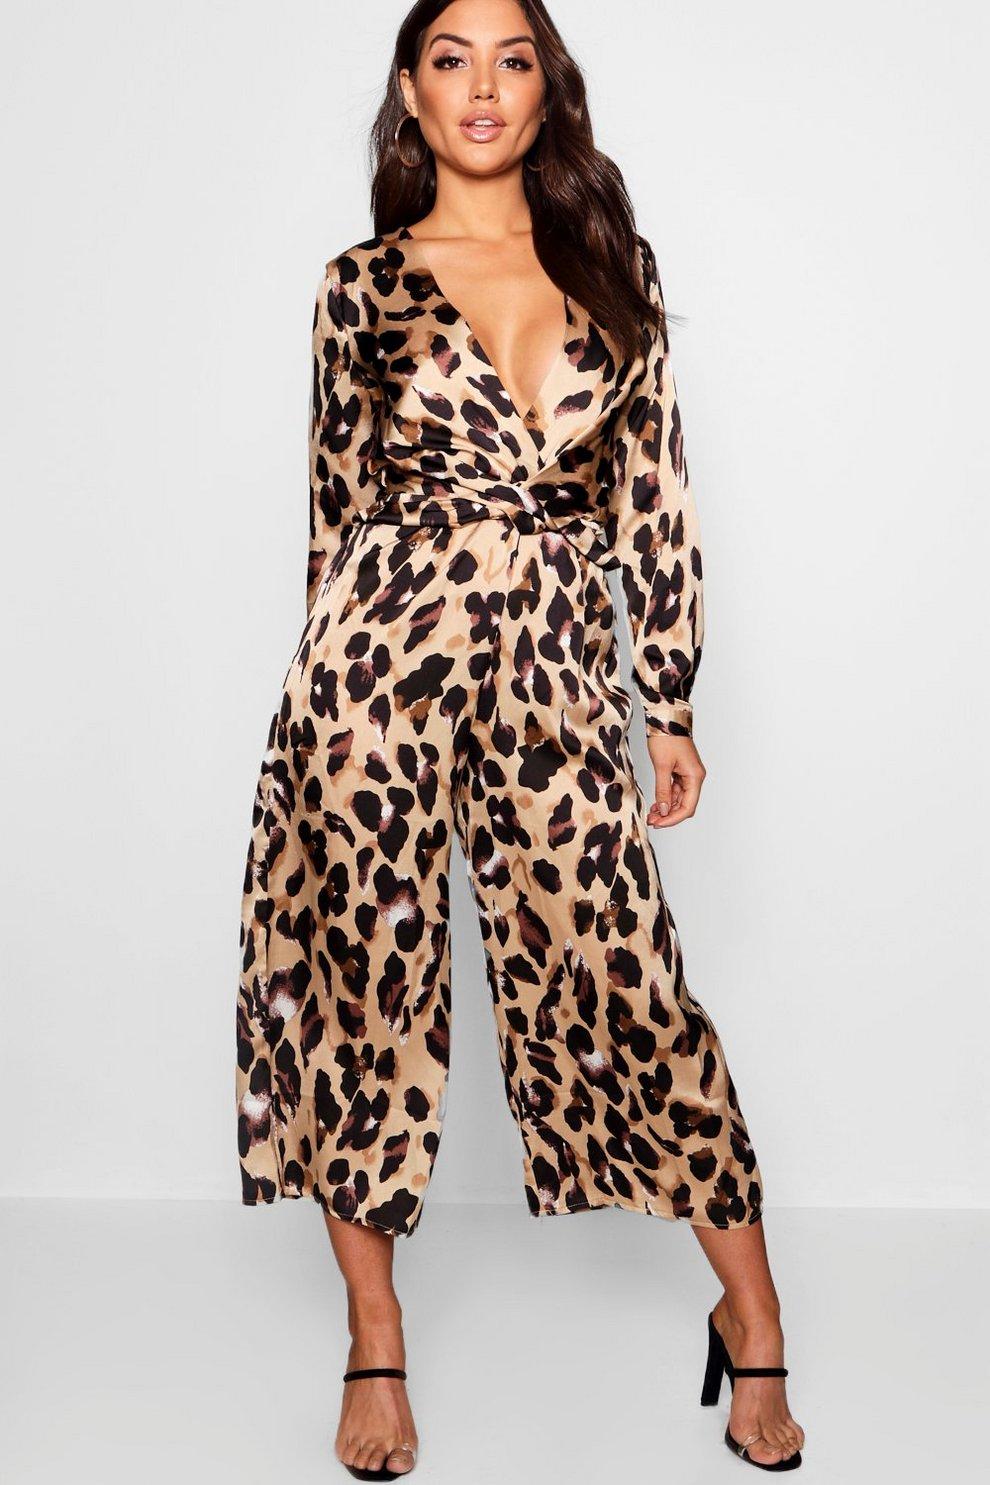 0f694215c2 Mono cruzado con escote pronunciado y estampado de leopardo